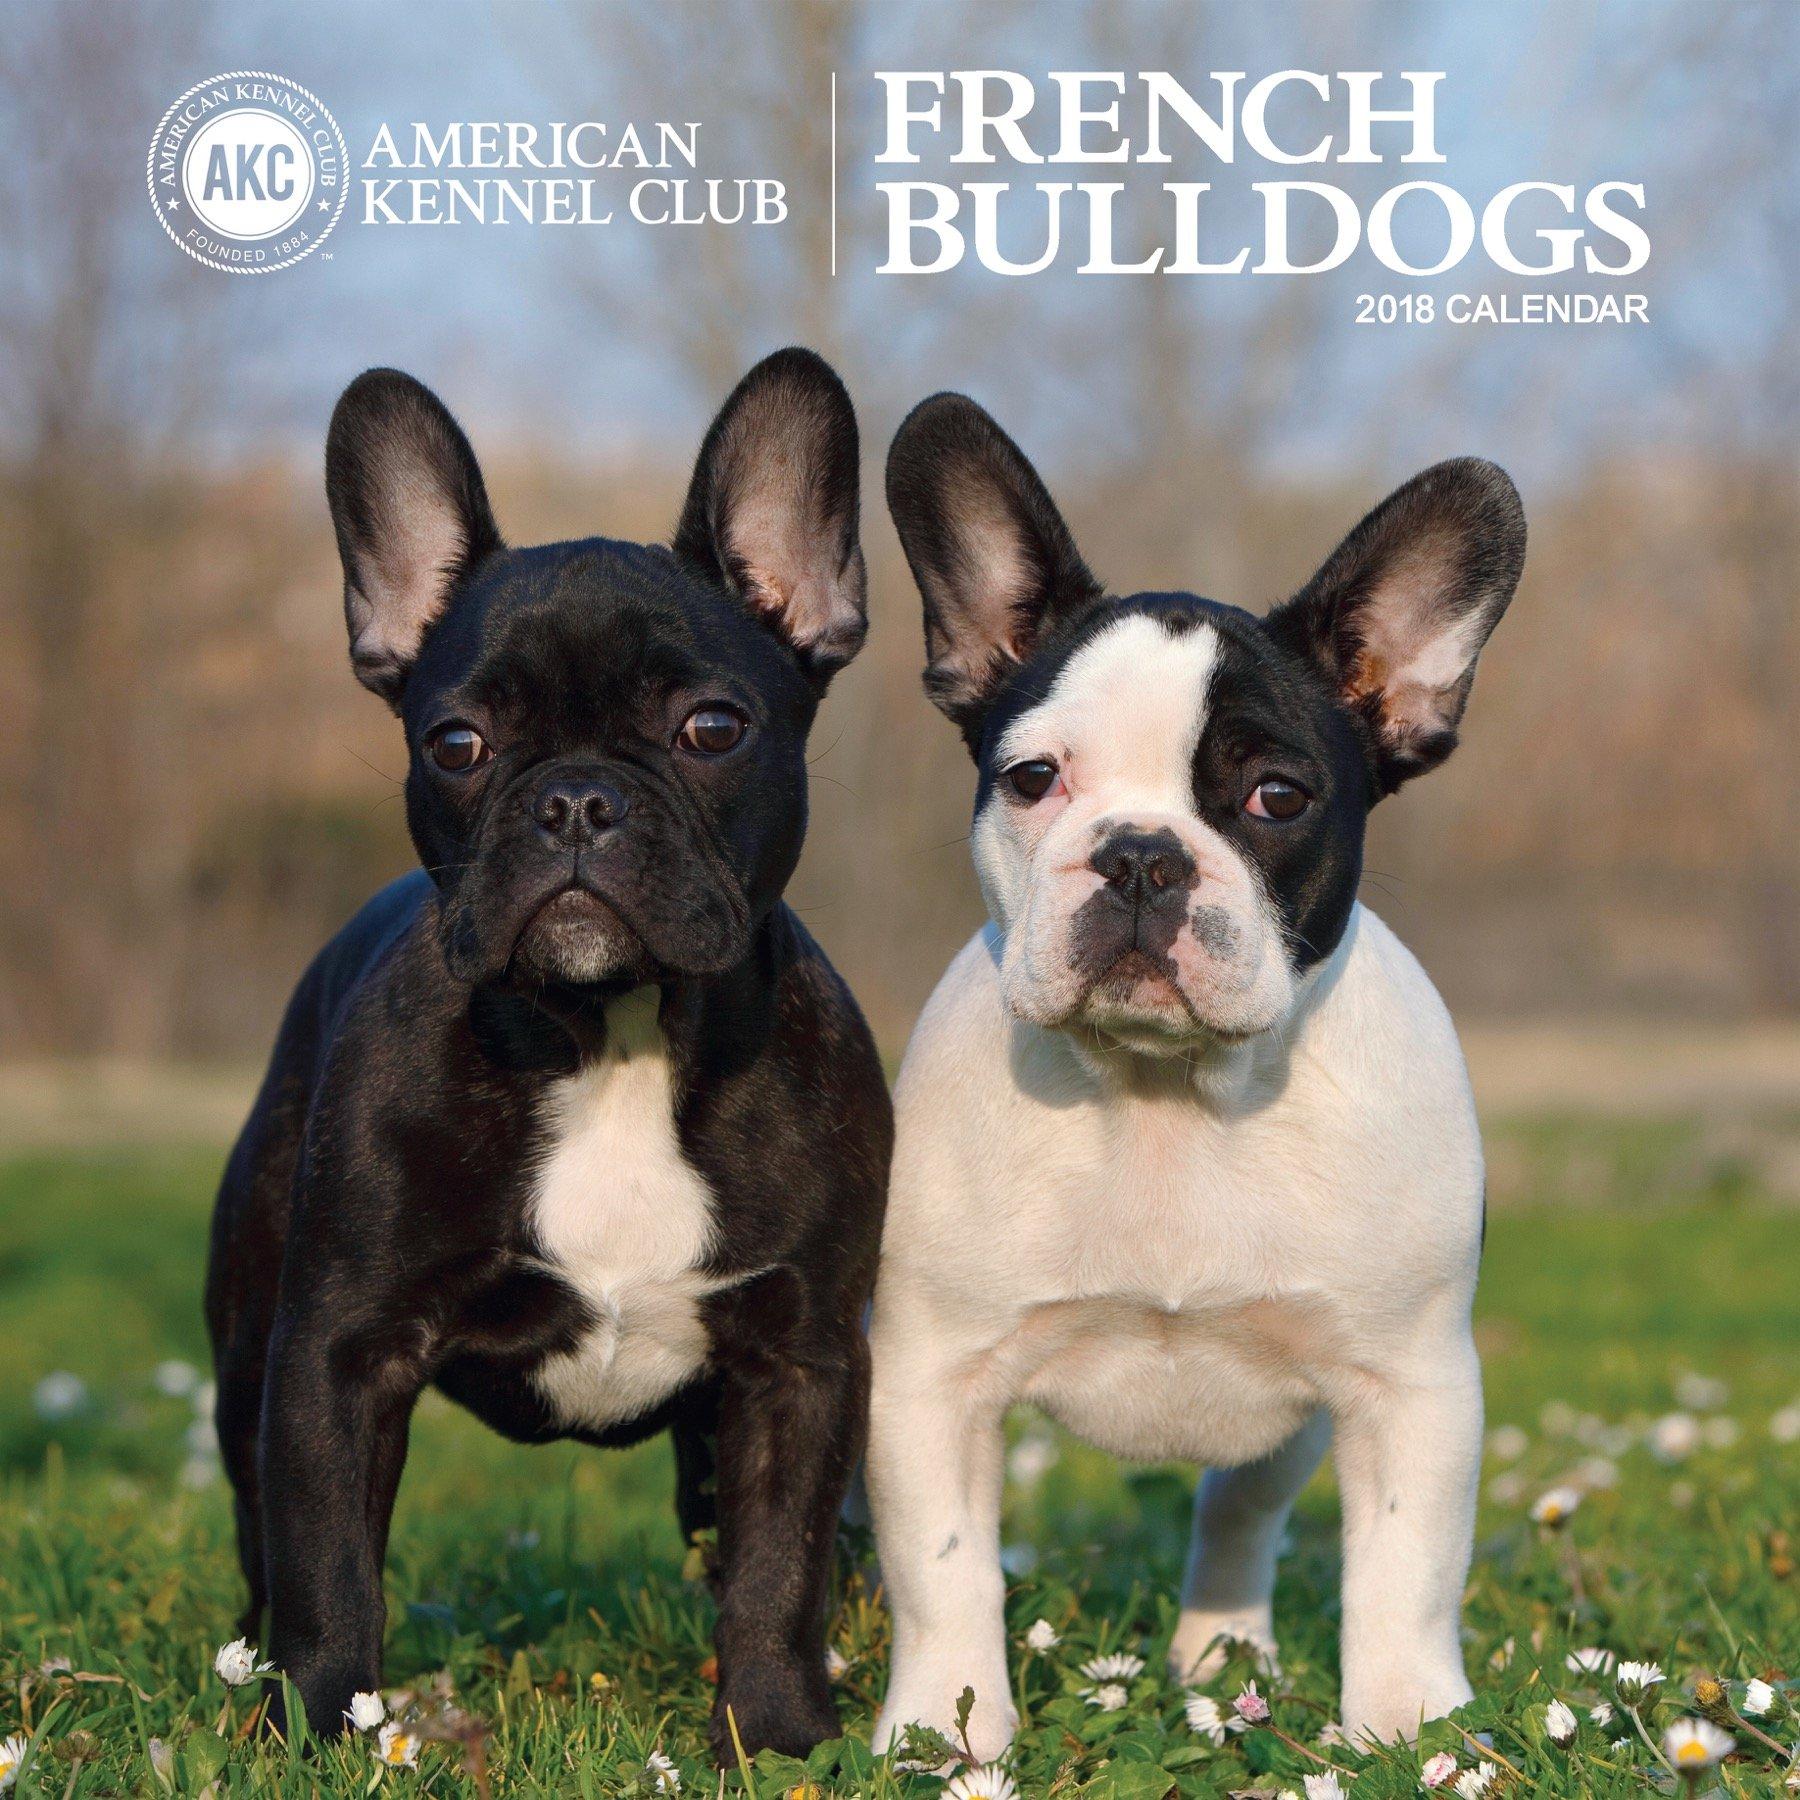 american kennel club french bulldogs 2018 wall calendar zebra